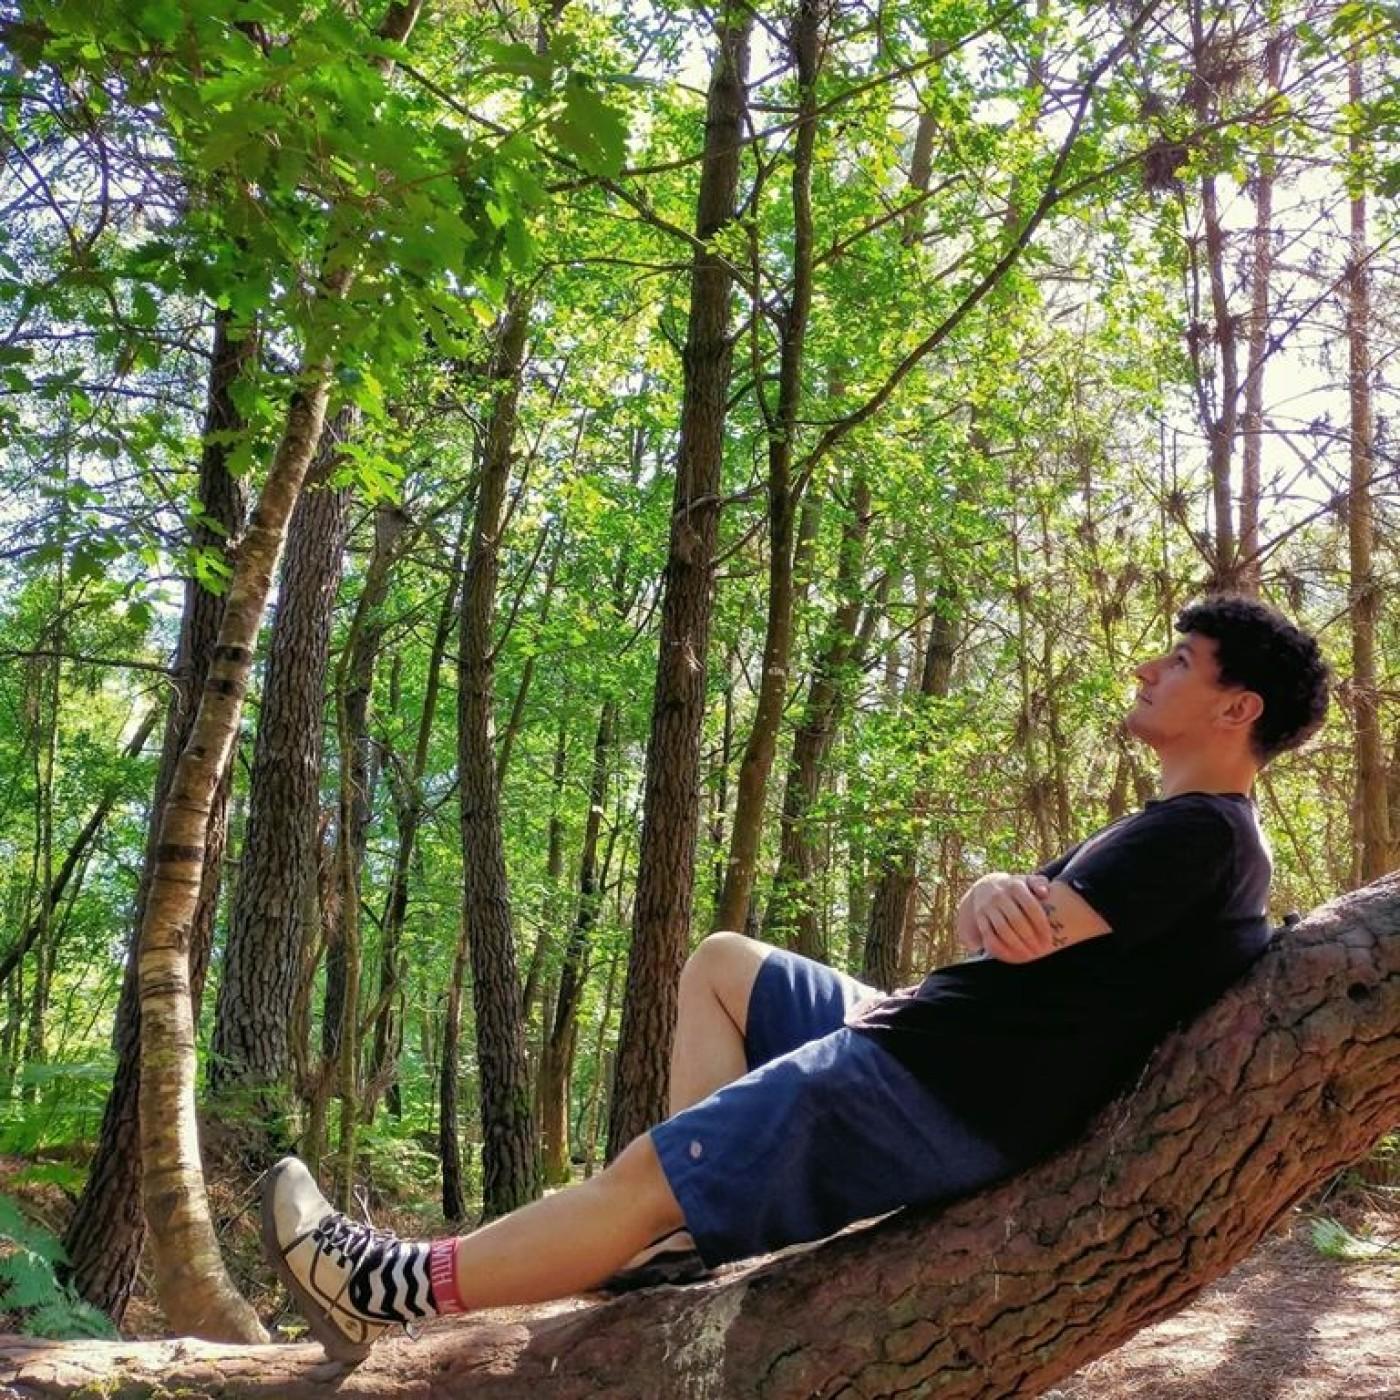 Épisode 5 - L'histoire de la mythique forêt de Brocéliande, ses légendes et faits paranormaux